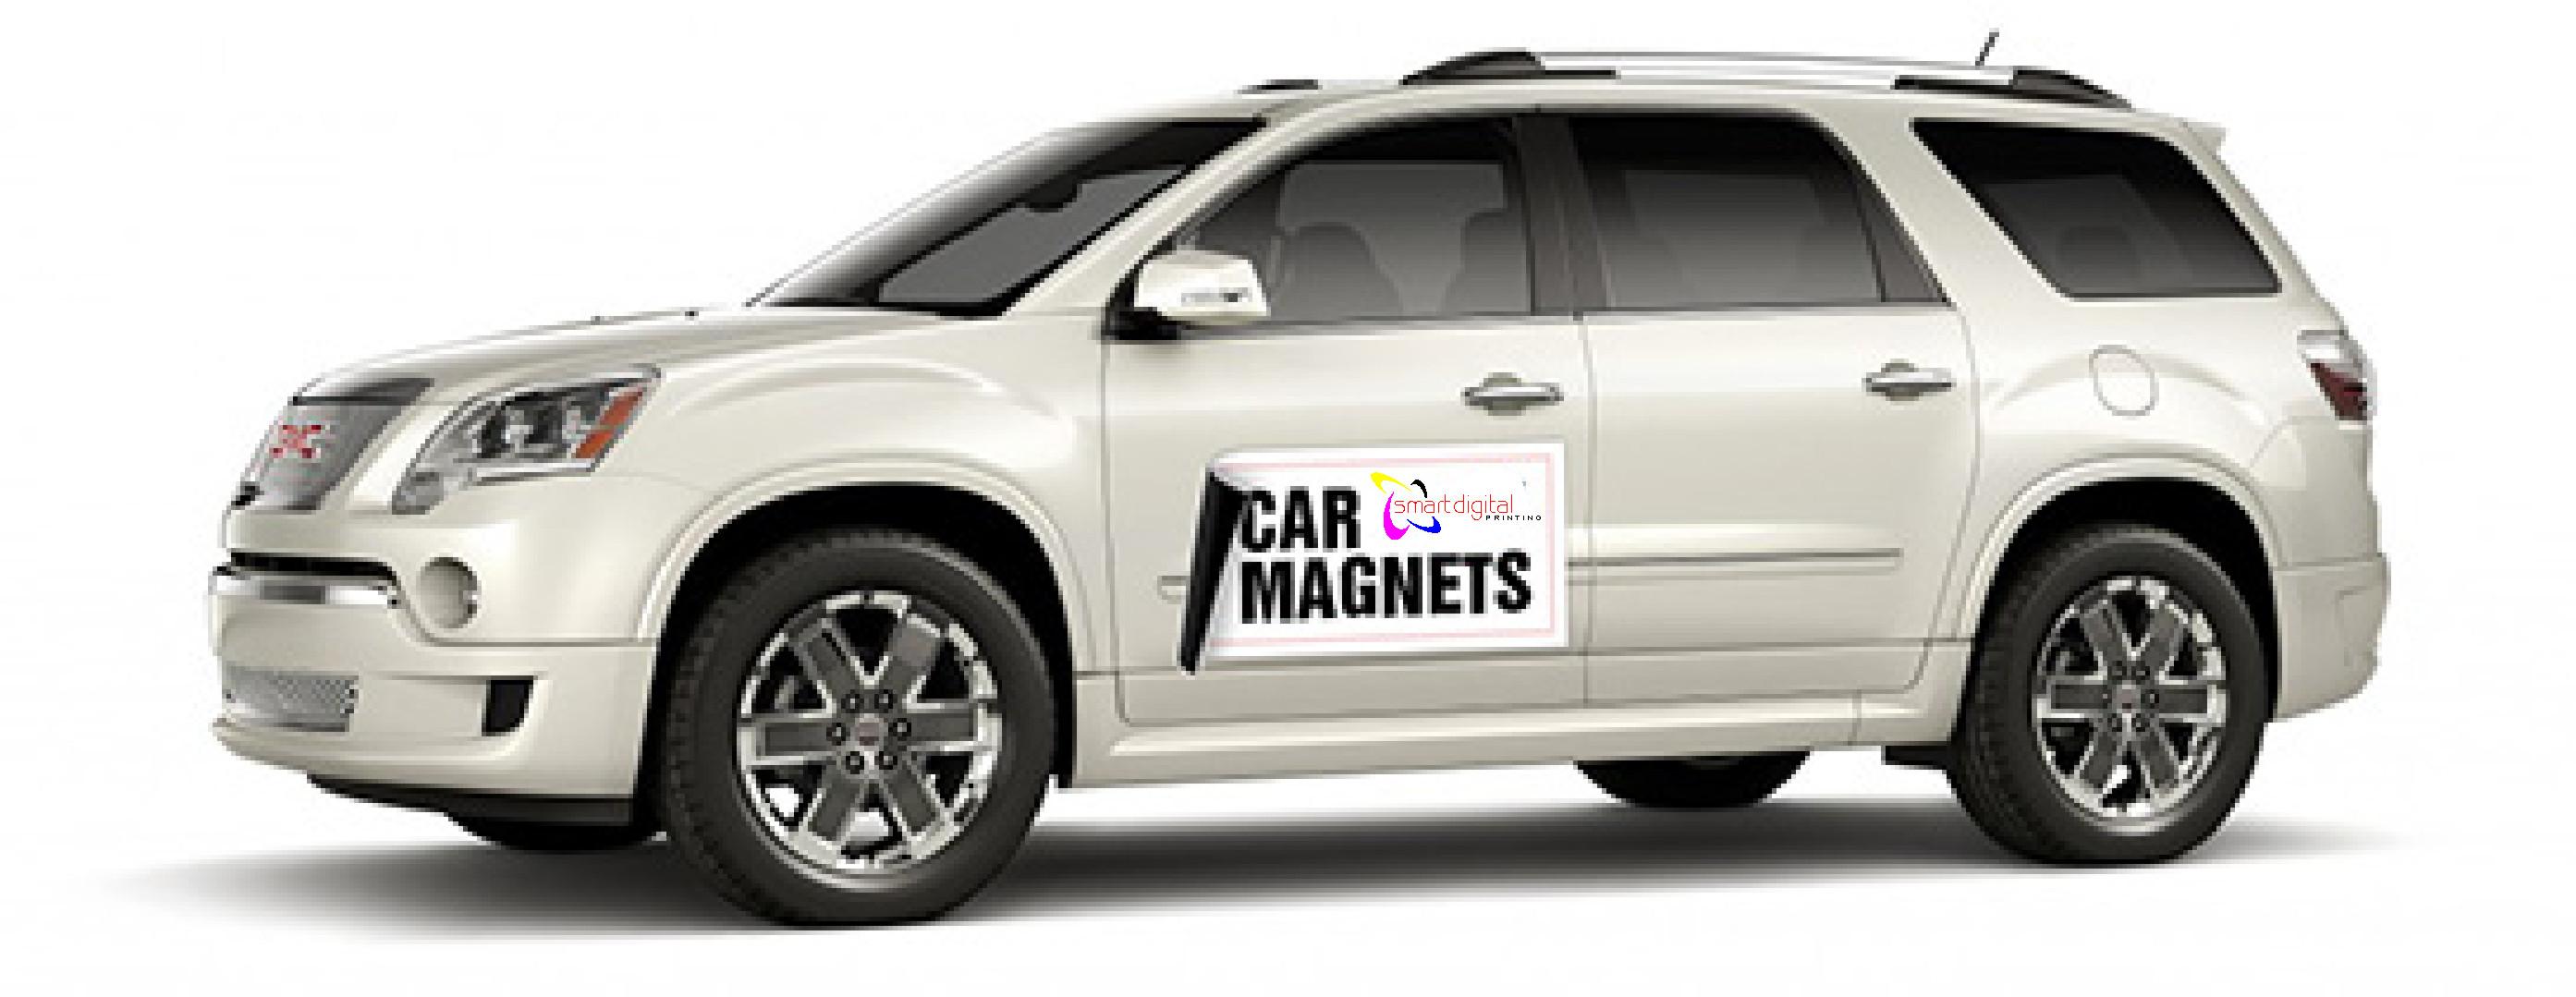 ANY COMPANY Car Door Magnet  KZ Creative Services  Online Store - Custom car door magnet